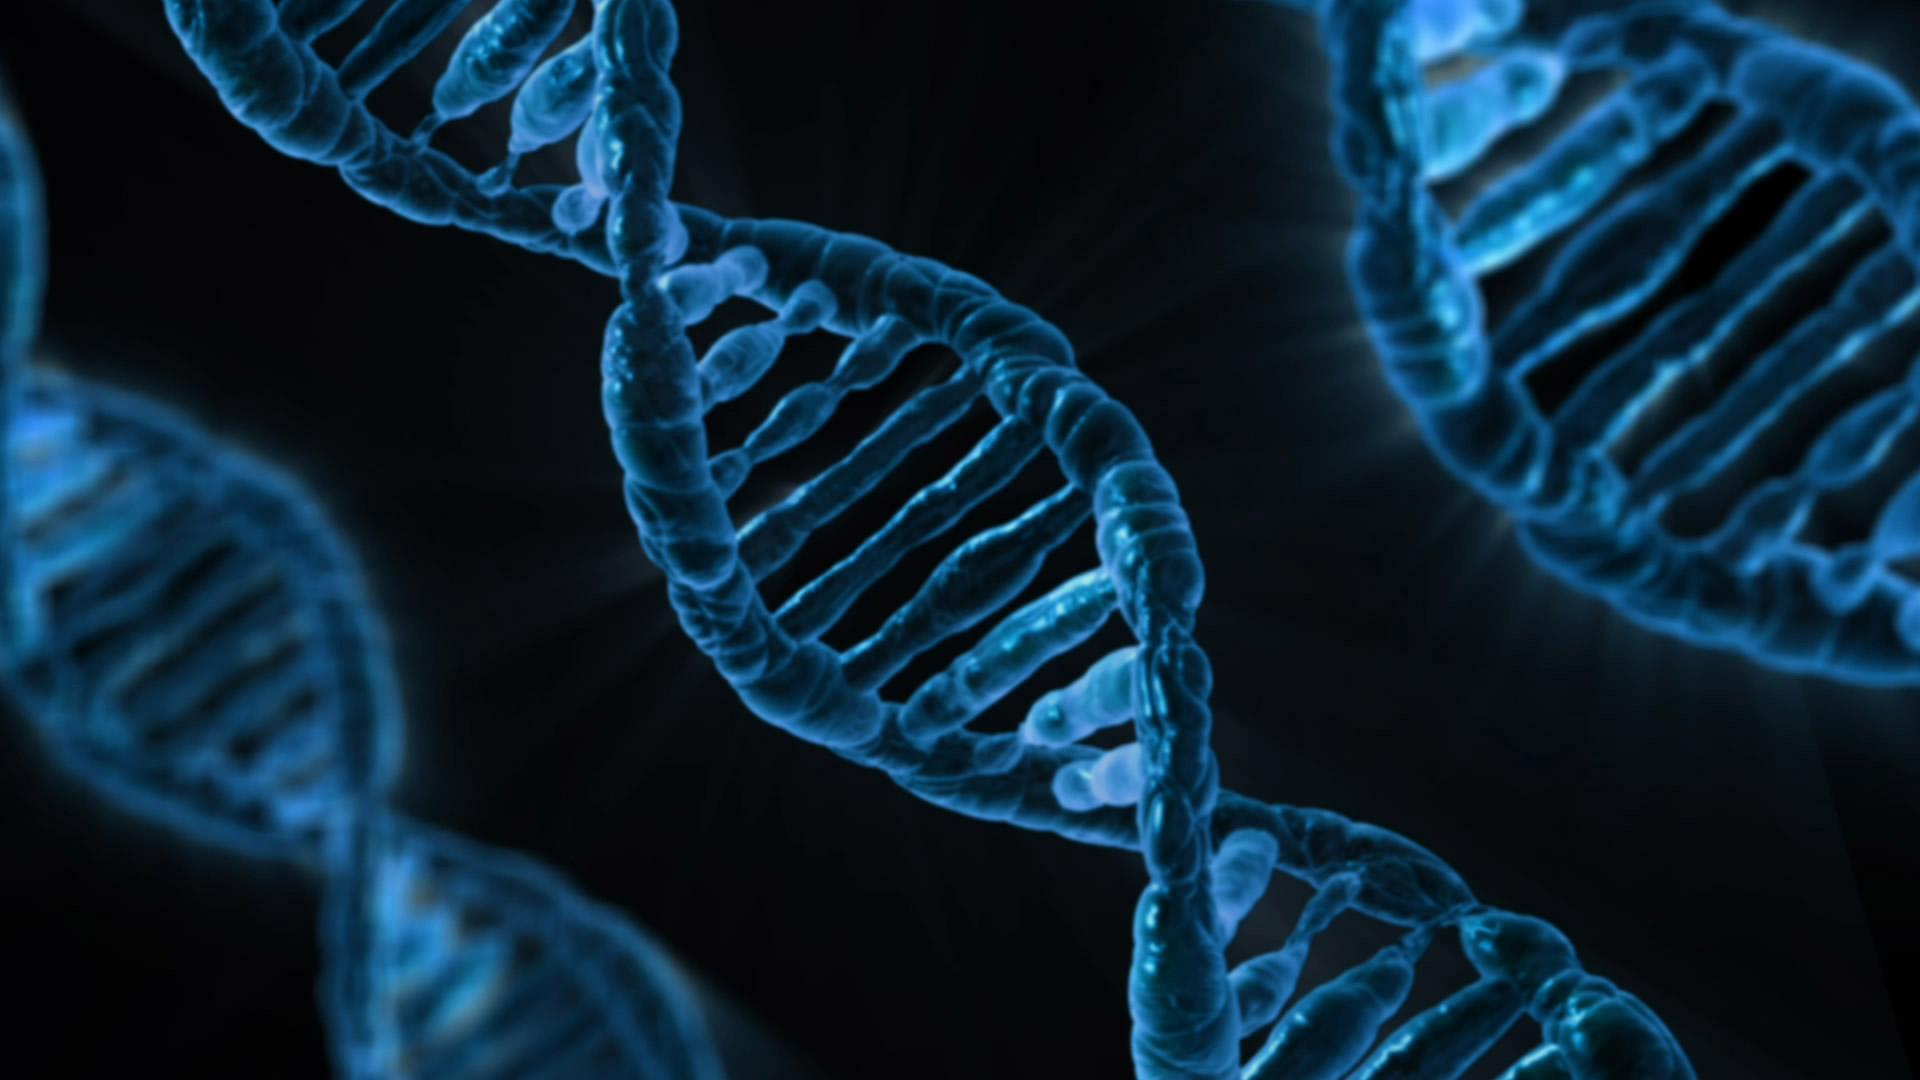 Obr. 2 – DNA